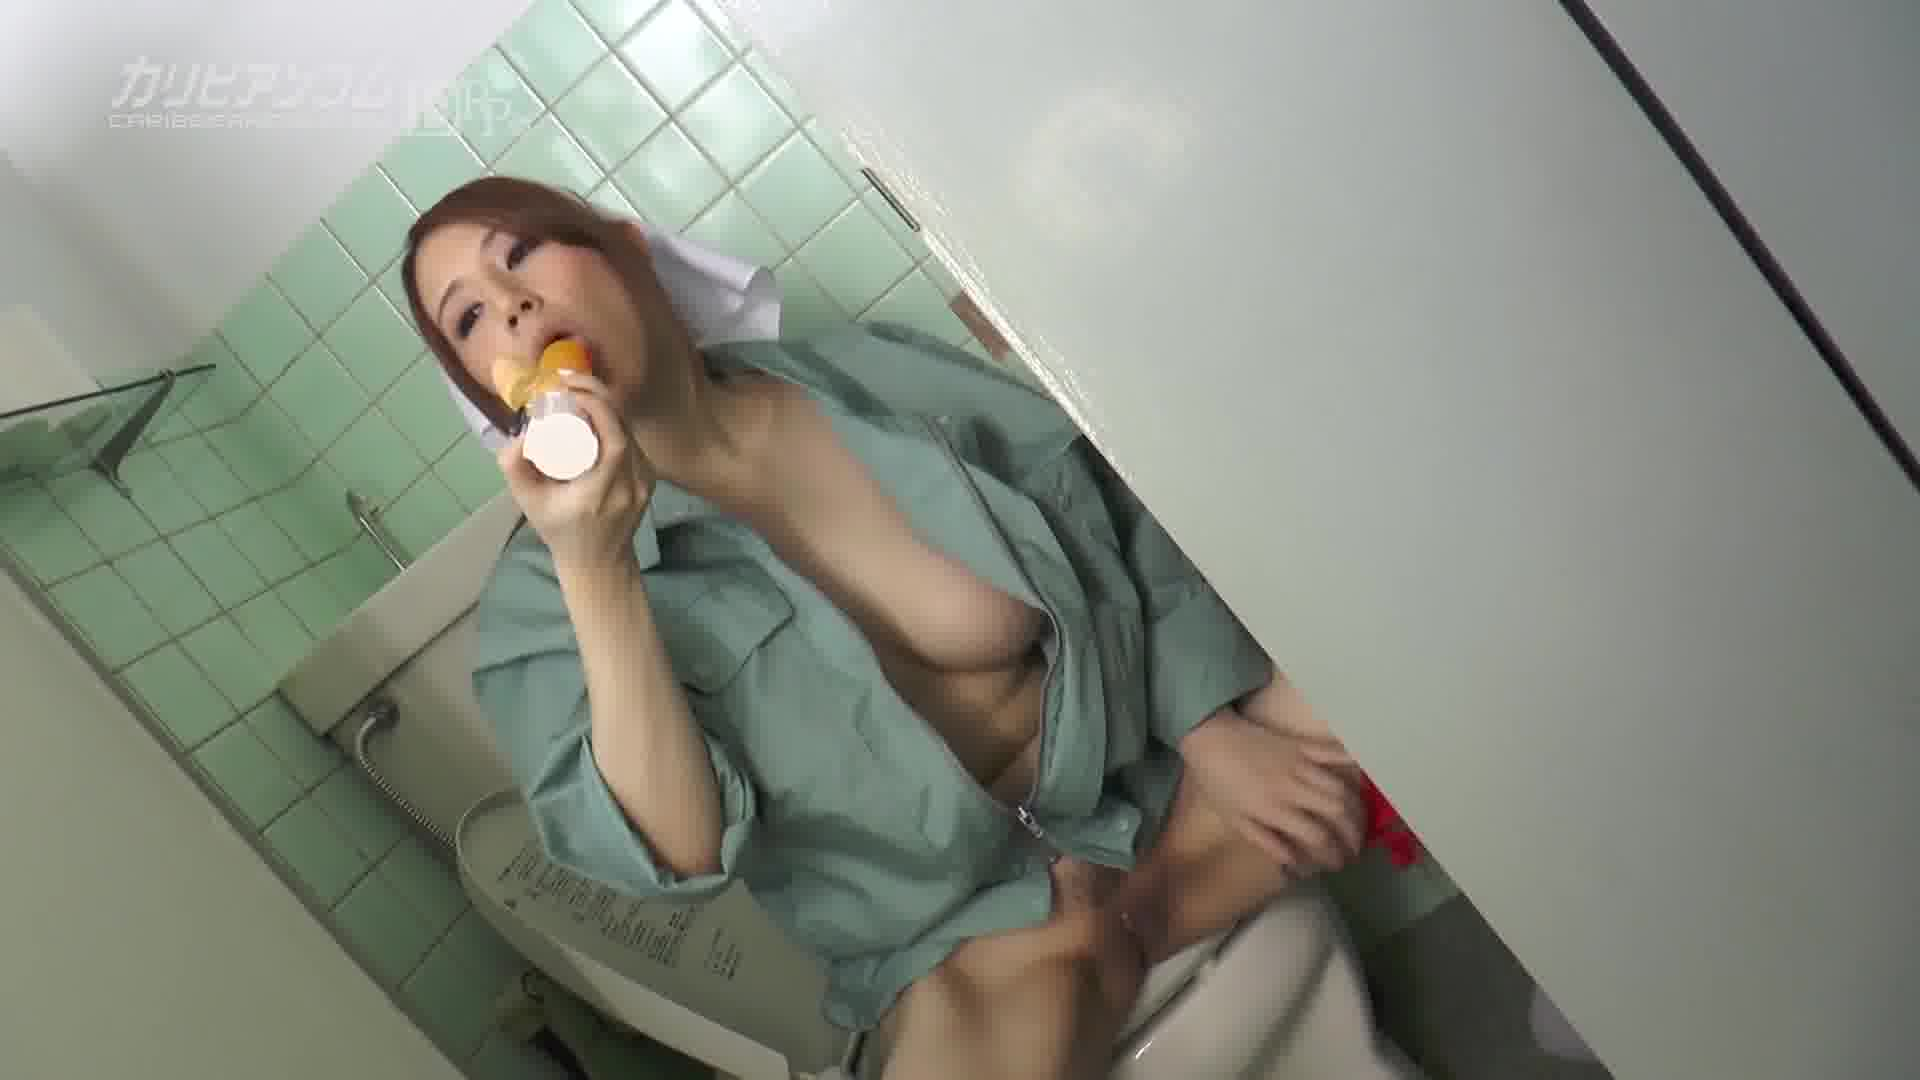 美人掃除婦が小便している僕のチンコも大掃除してくれた - 小泉真希【痴女・巨乳・バイブ】